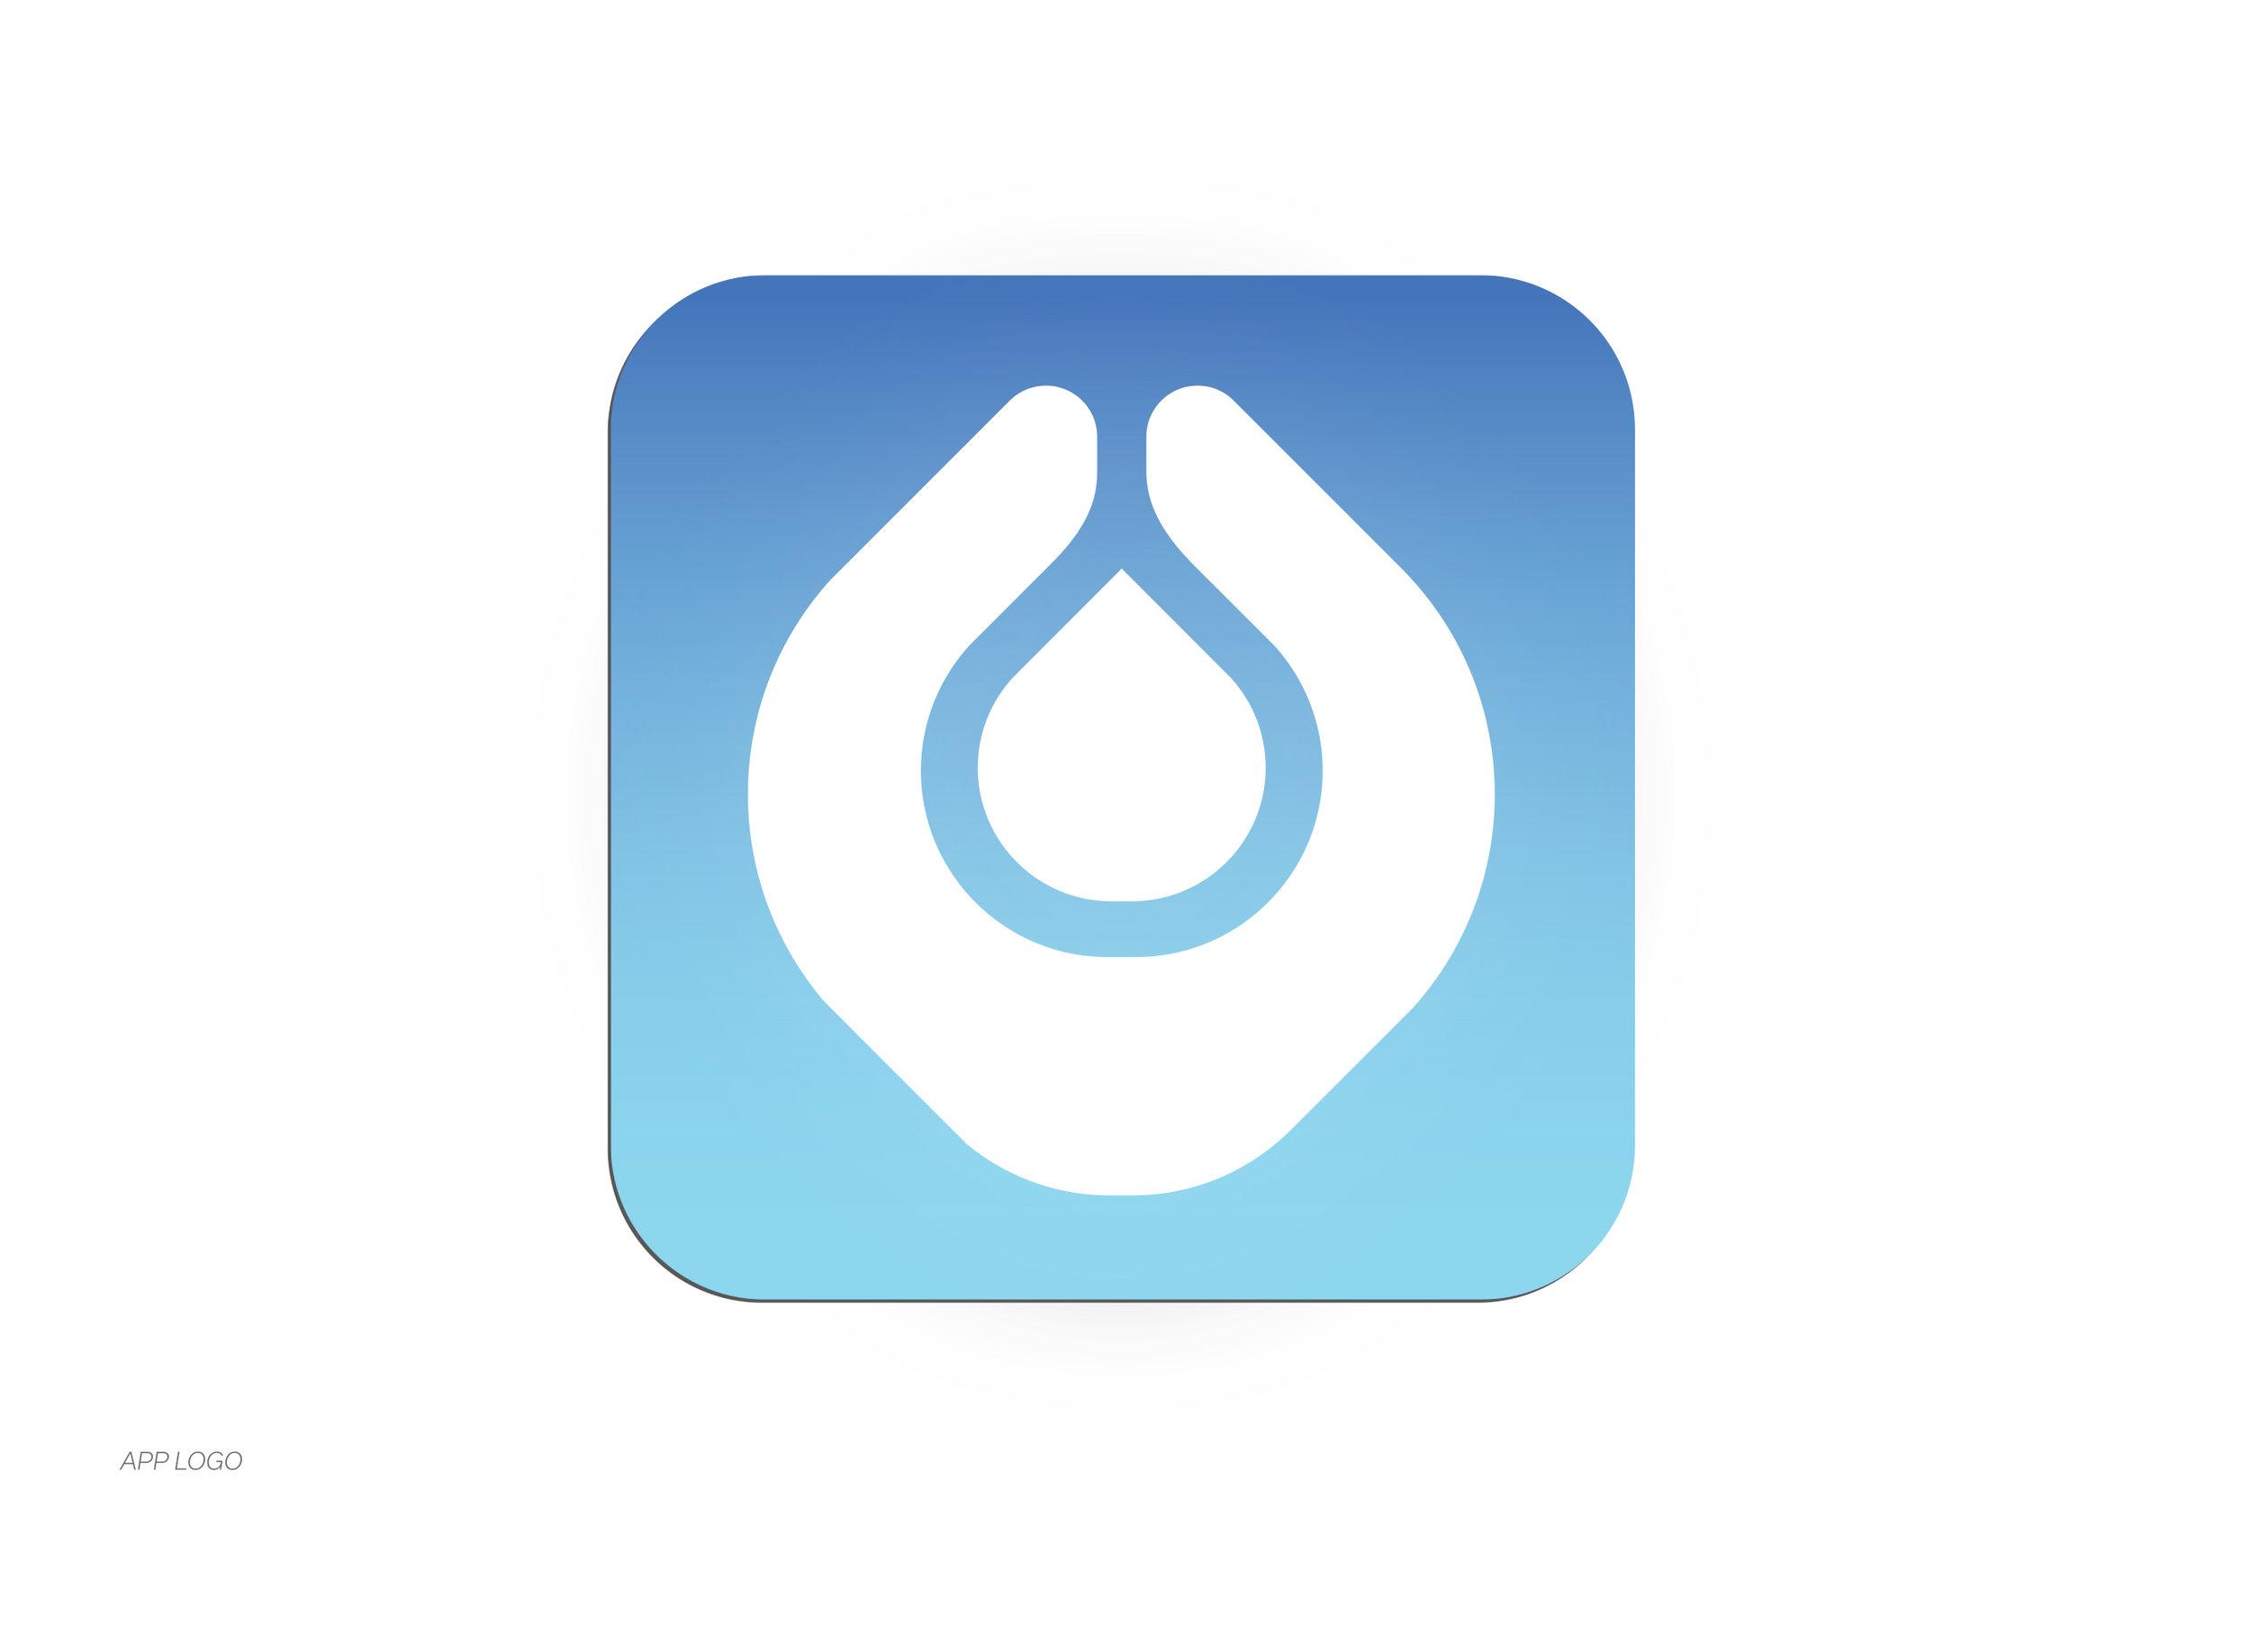 Illuminate_app_icon.jpg